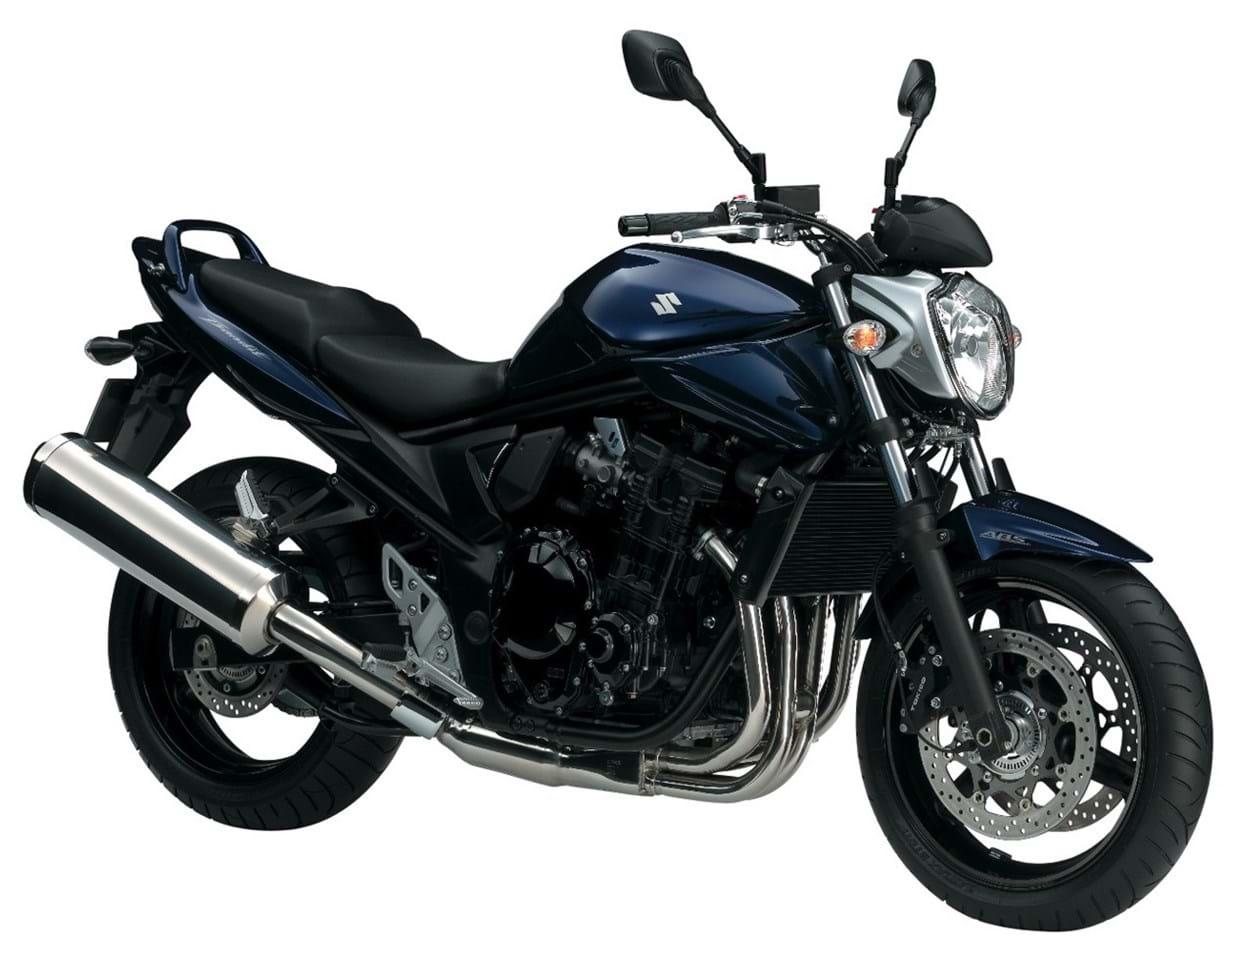 2011 Suzuki GSF650S, Bandit650S, TOP FINANCE